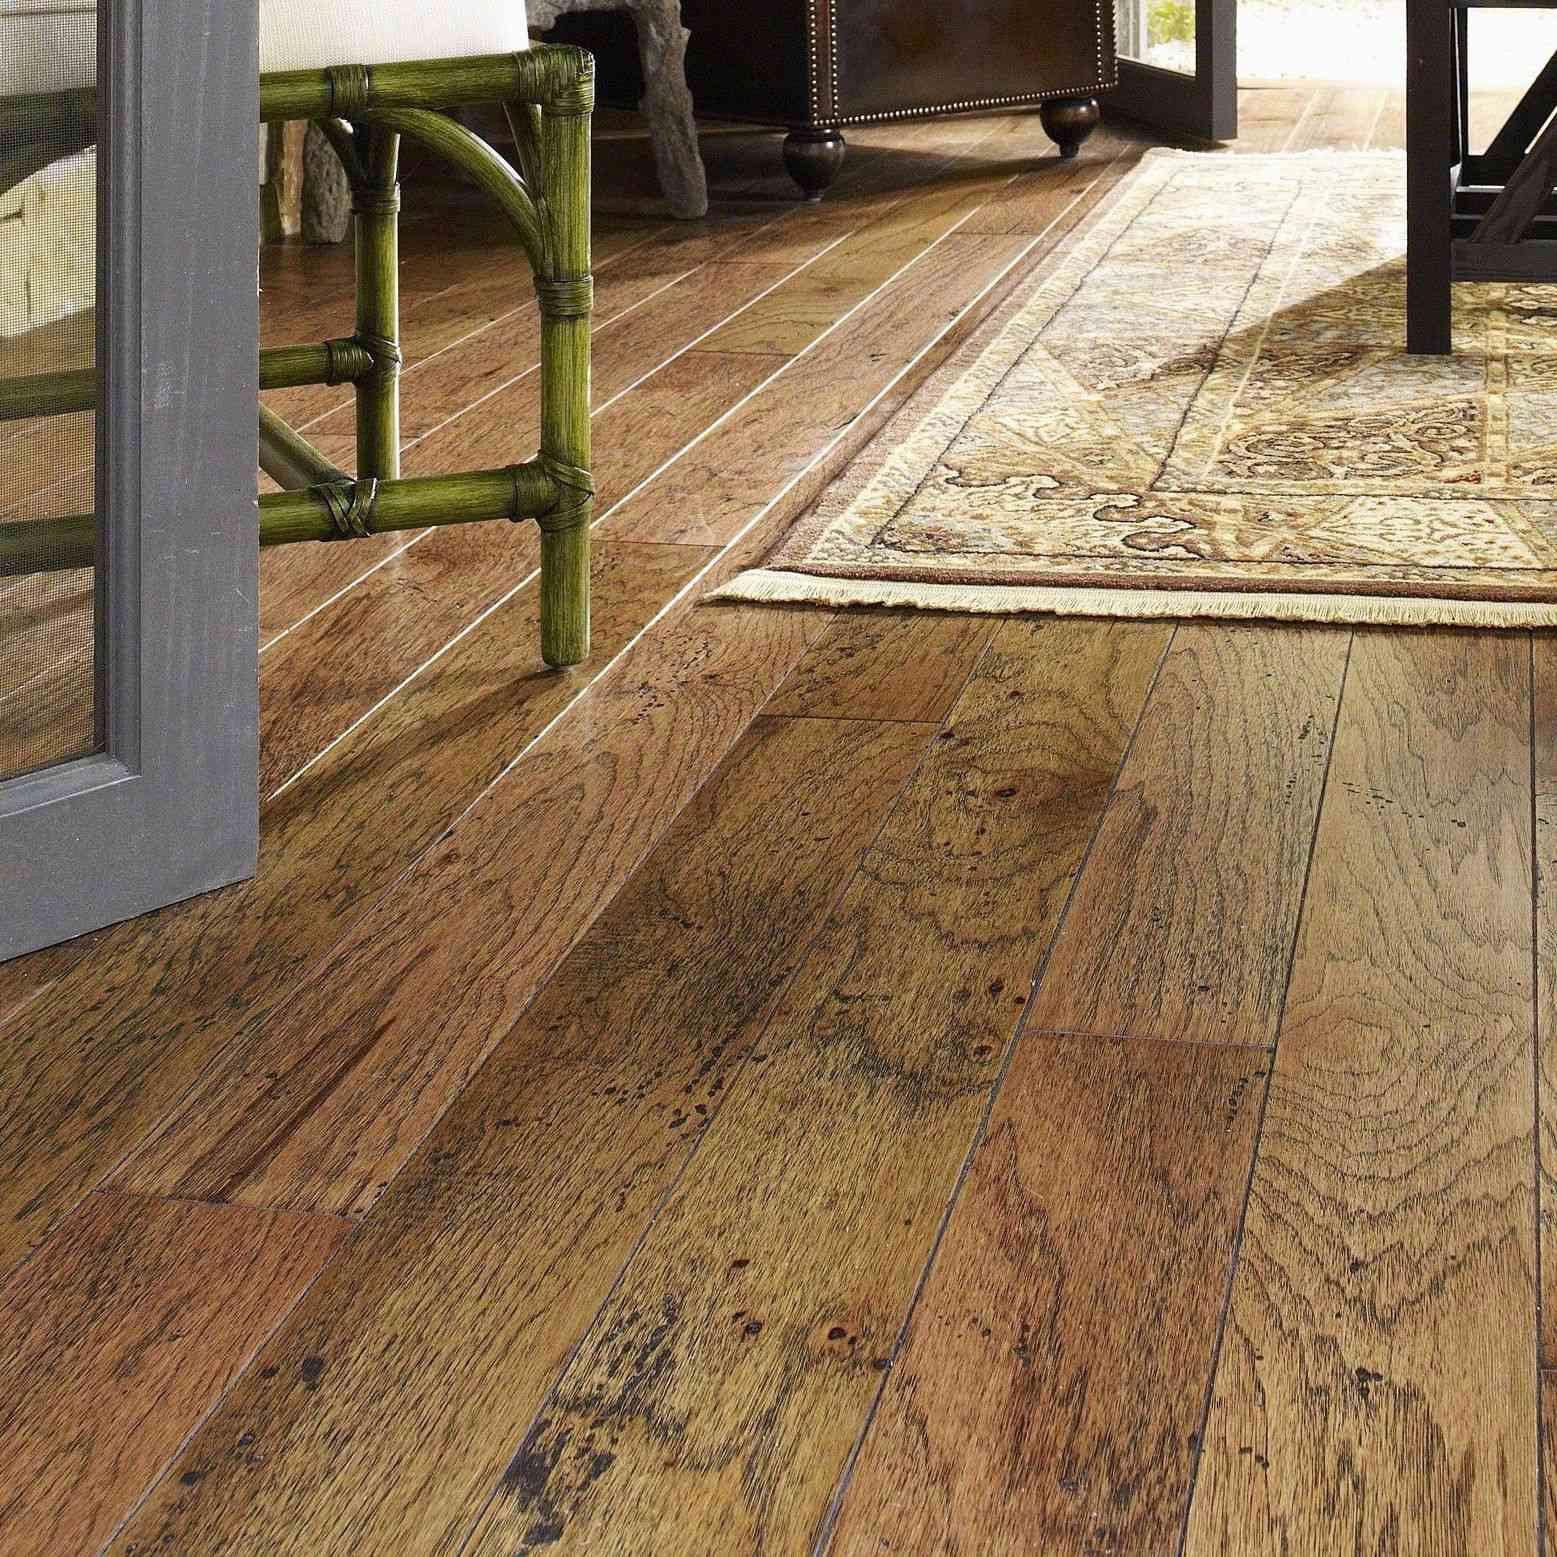 how much hardwood floor cost of hardwood flooring cost floor plan ideas regarding hardwood floor designs new best type wood flooring best floor floor wood floor wood 0d